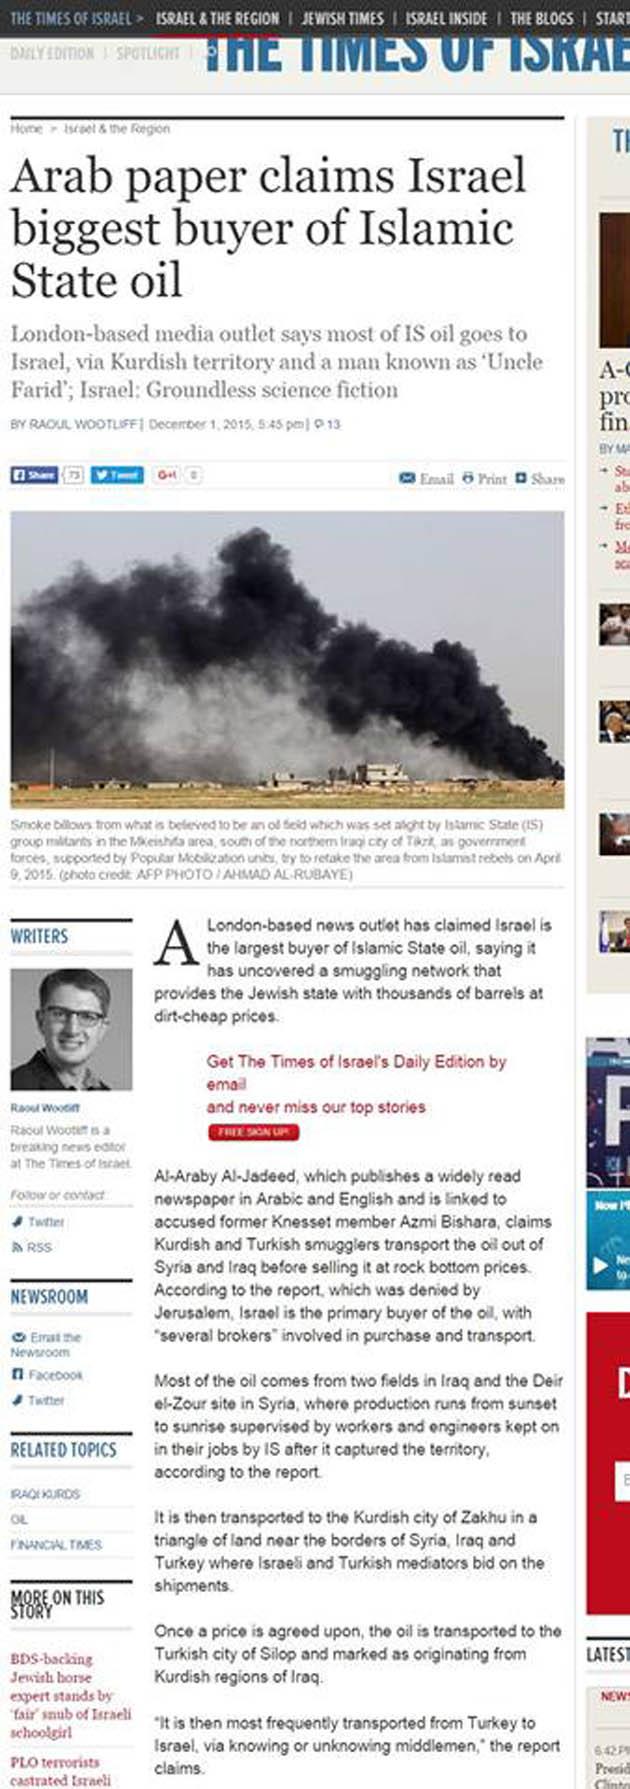 Γιατί οἱ ἀμερικανικοί δορυφόροι ...«θαμπώνονται» ὅταν βλέπουν τήν ISIS;4